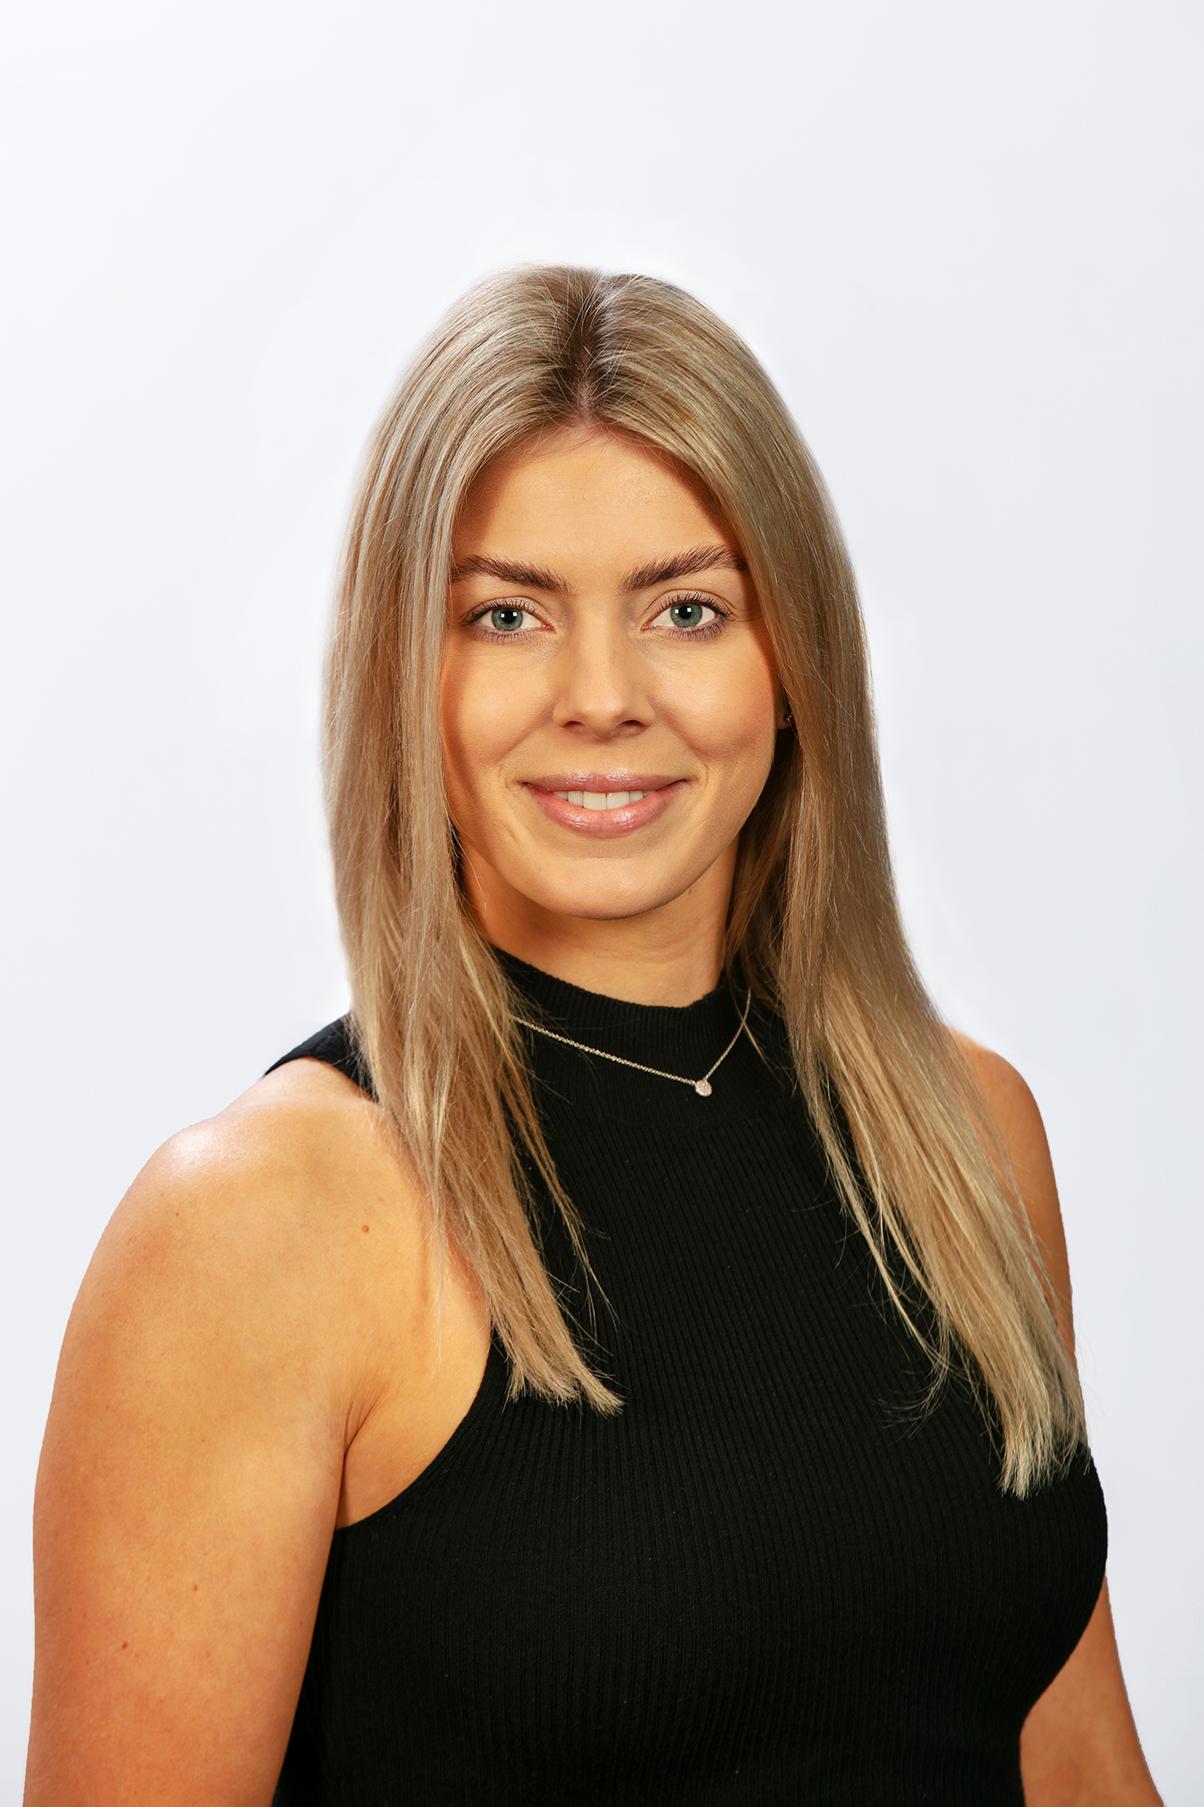 Alesha Vavra